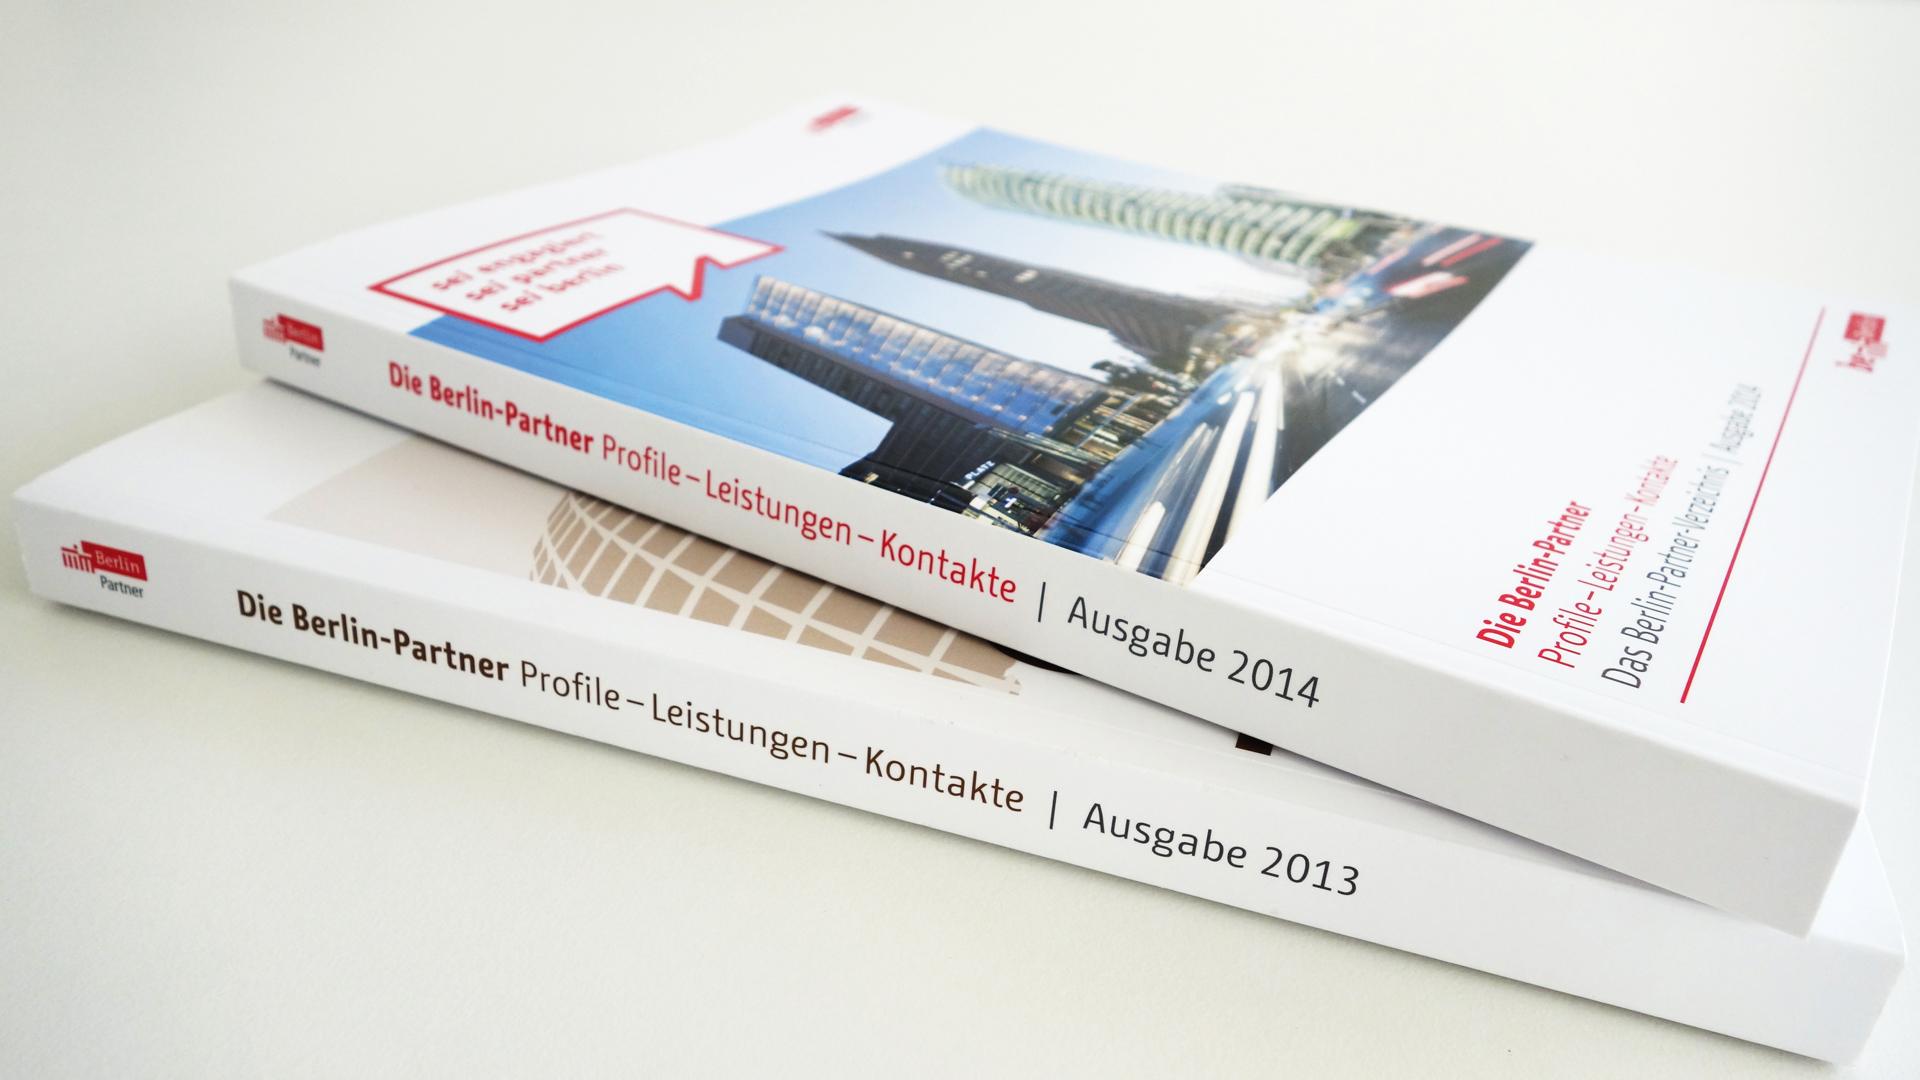 Berlin partner für wirtschaft und technologie gmbh